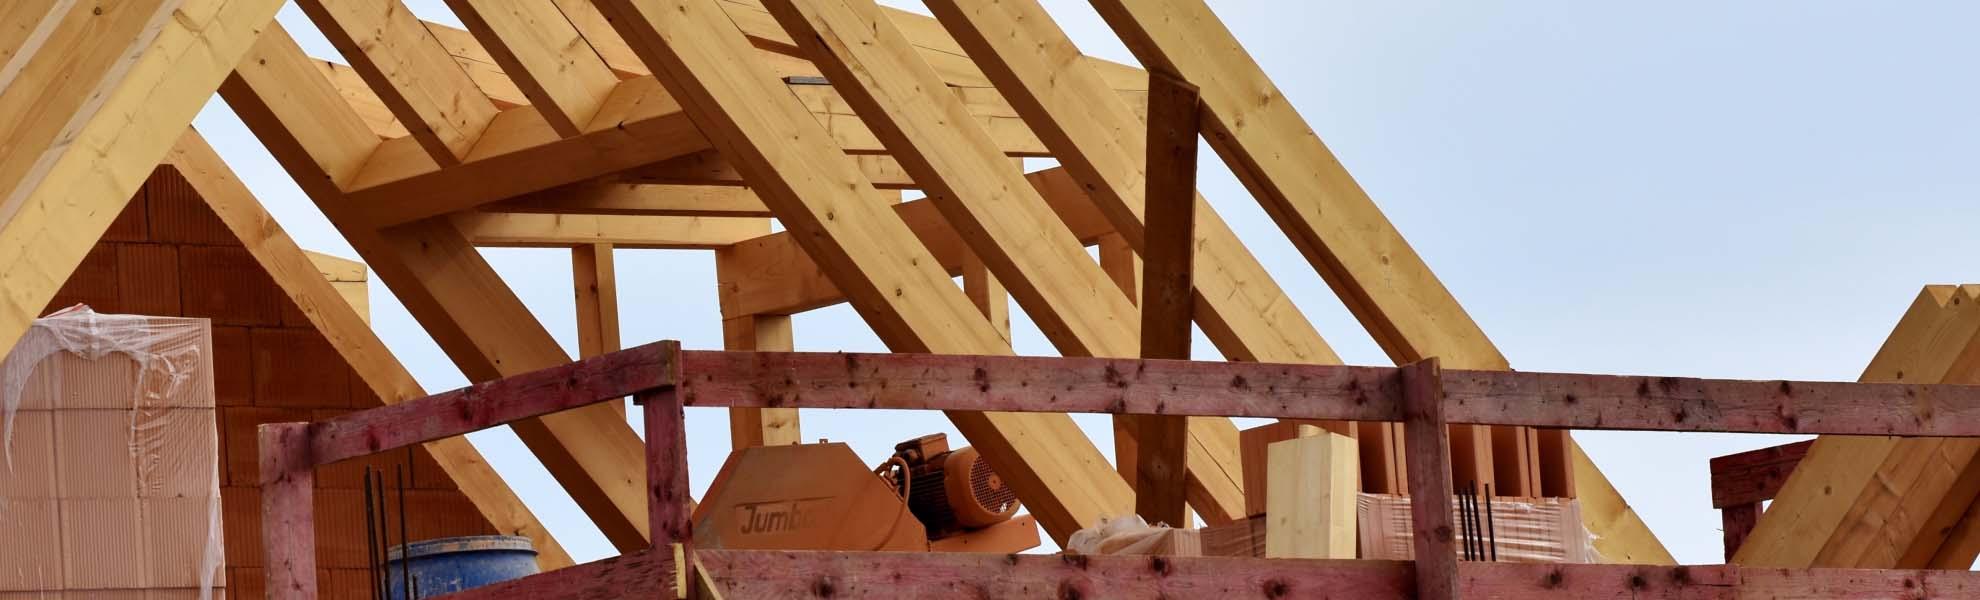 Haus bauen oder Haus sanieren? Hausbau mit der Habak GmbH